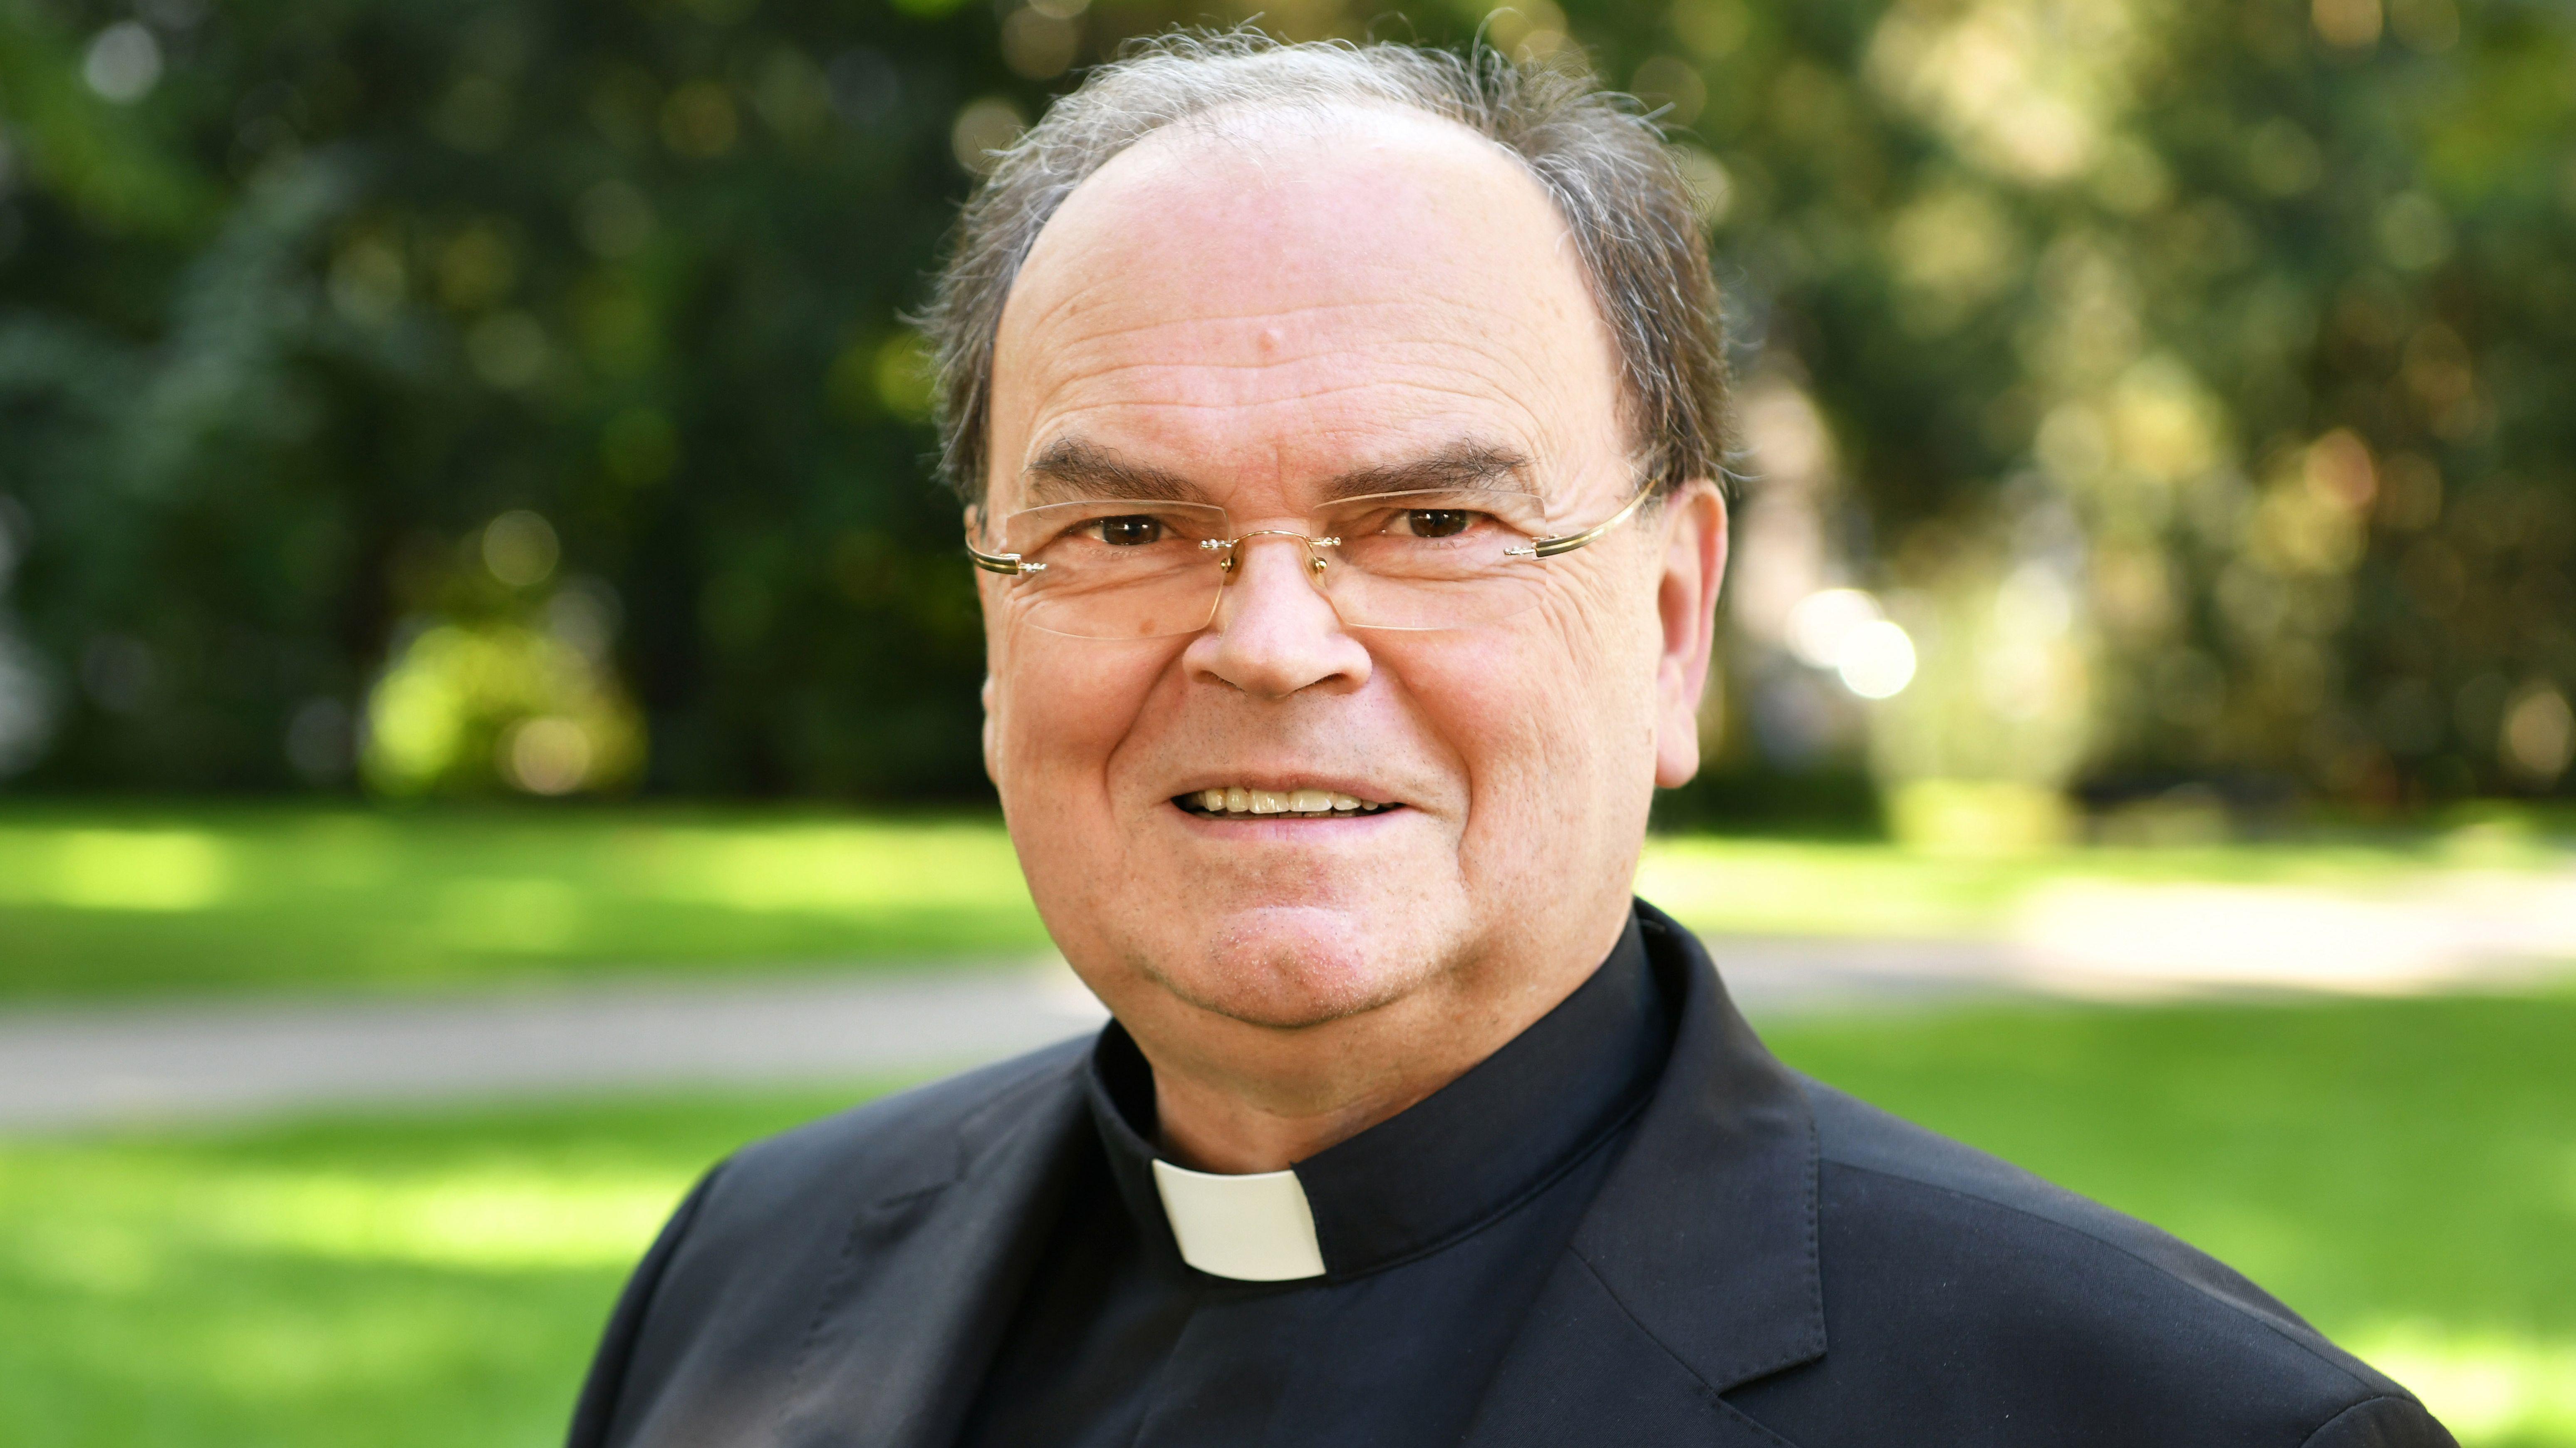 Bertram Meier